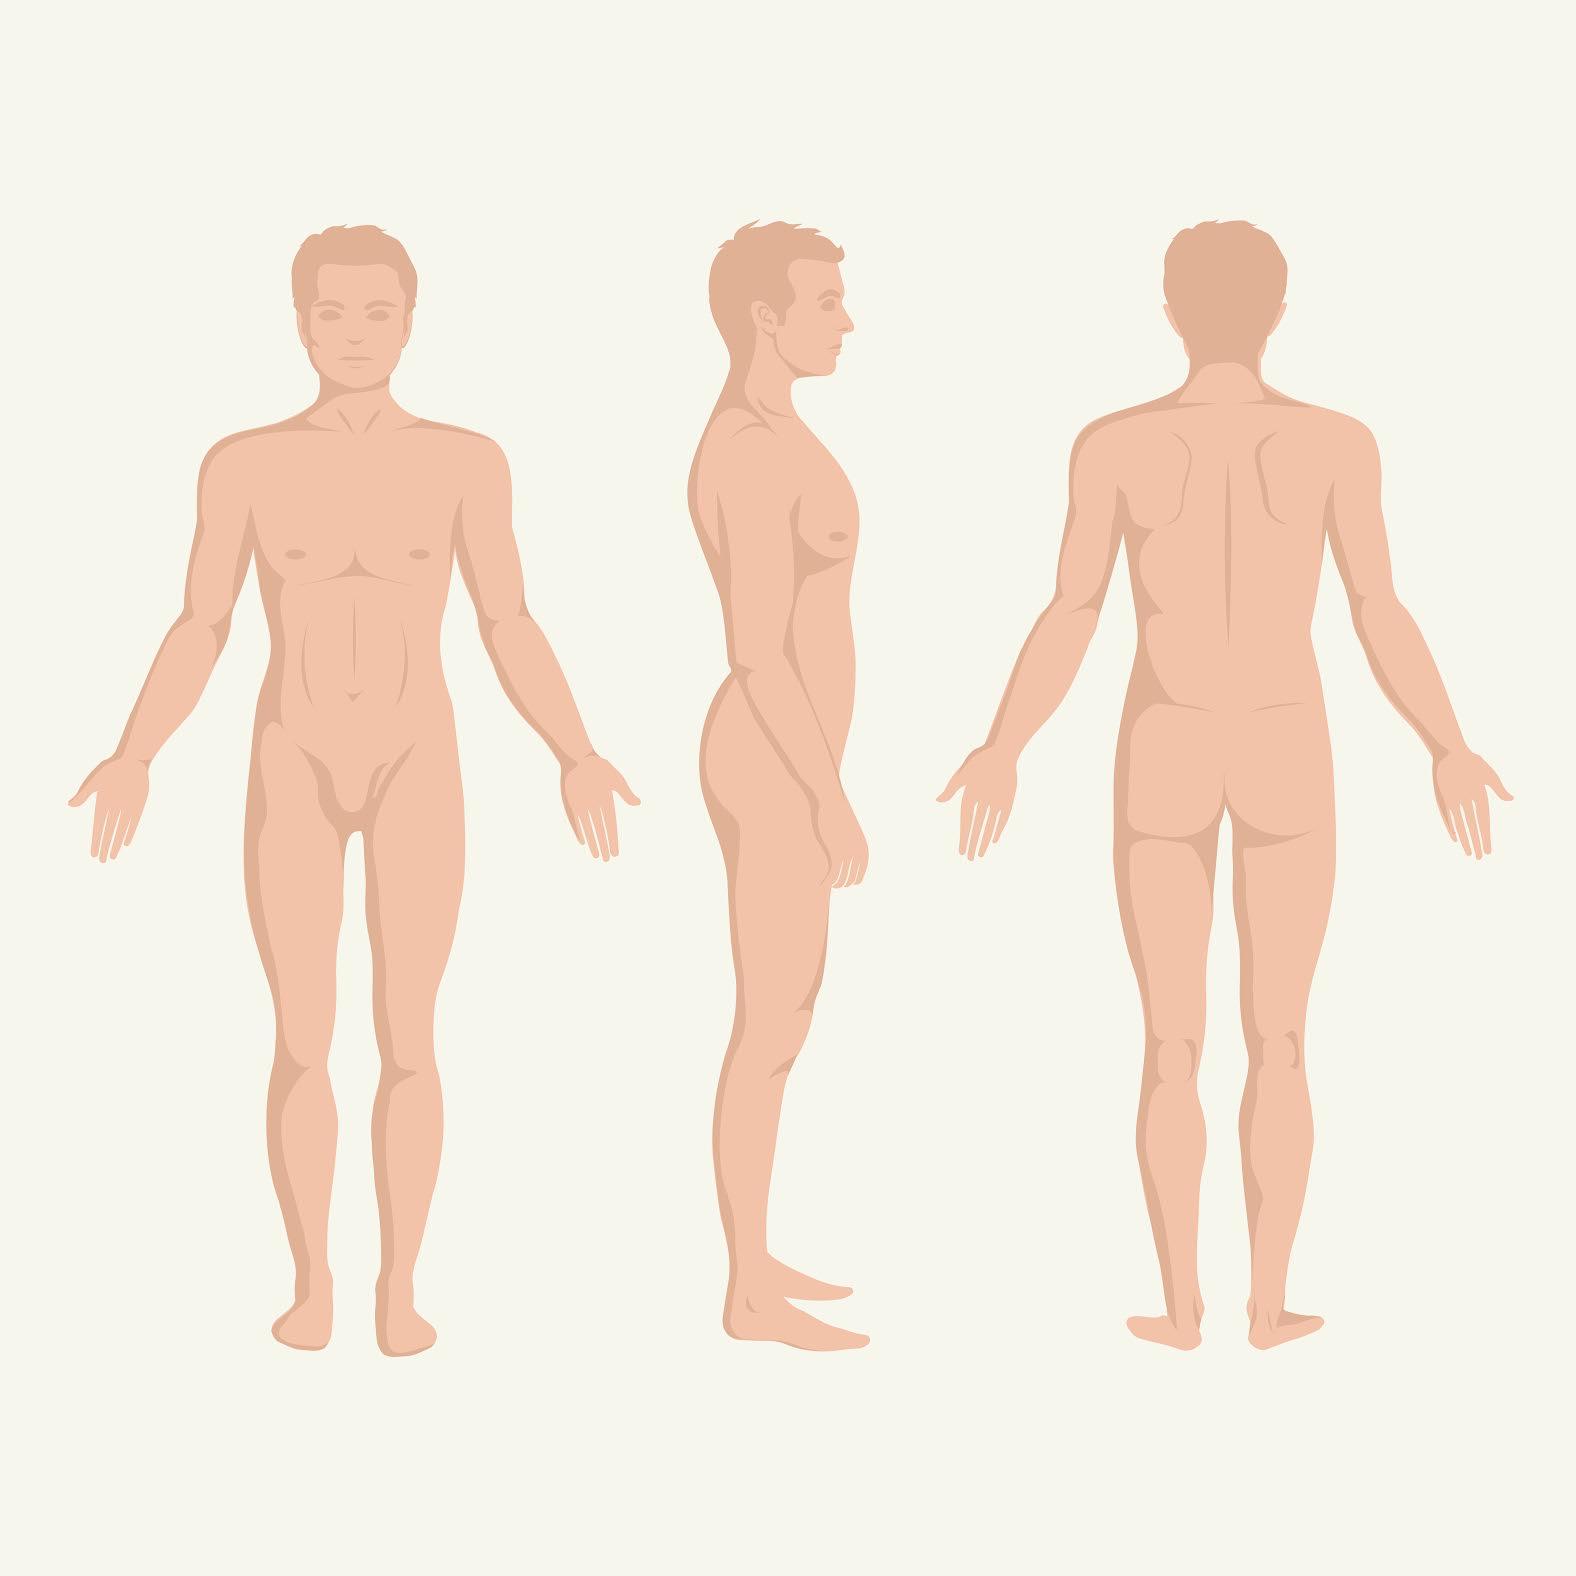 erecția de dimineață este incompletă erecția se pierde în timpul actului sexual